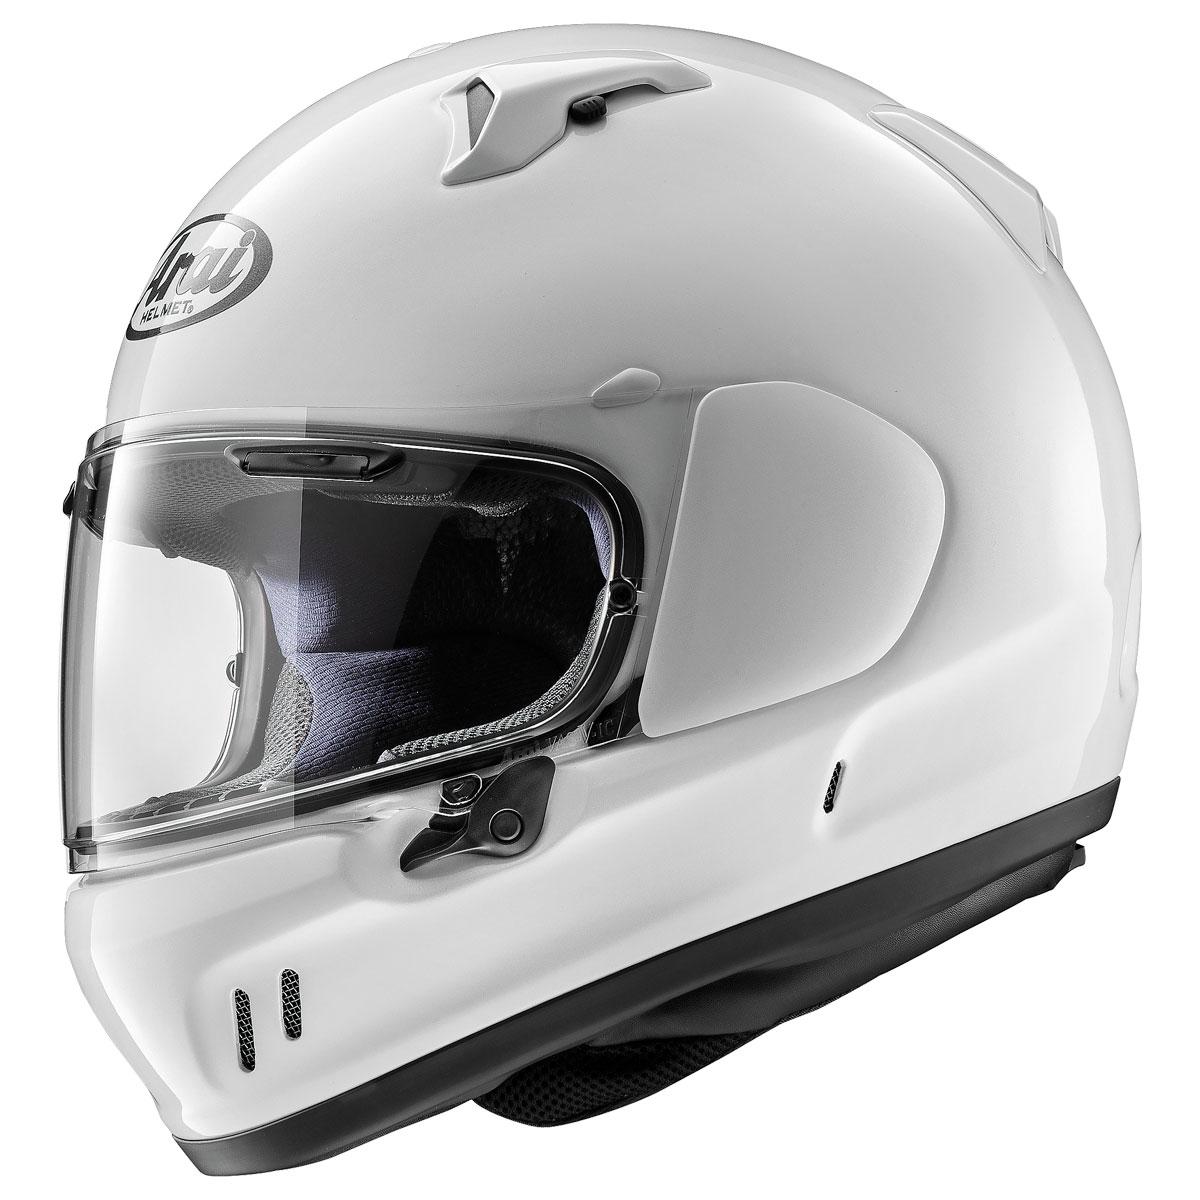 Arai Defiant-X White Full Face Helmet